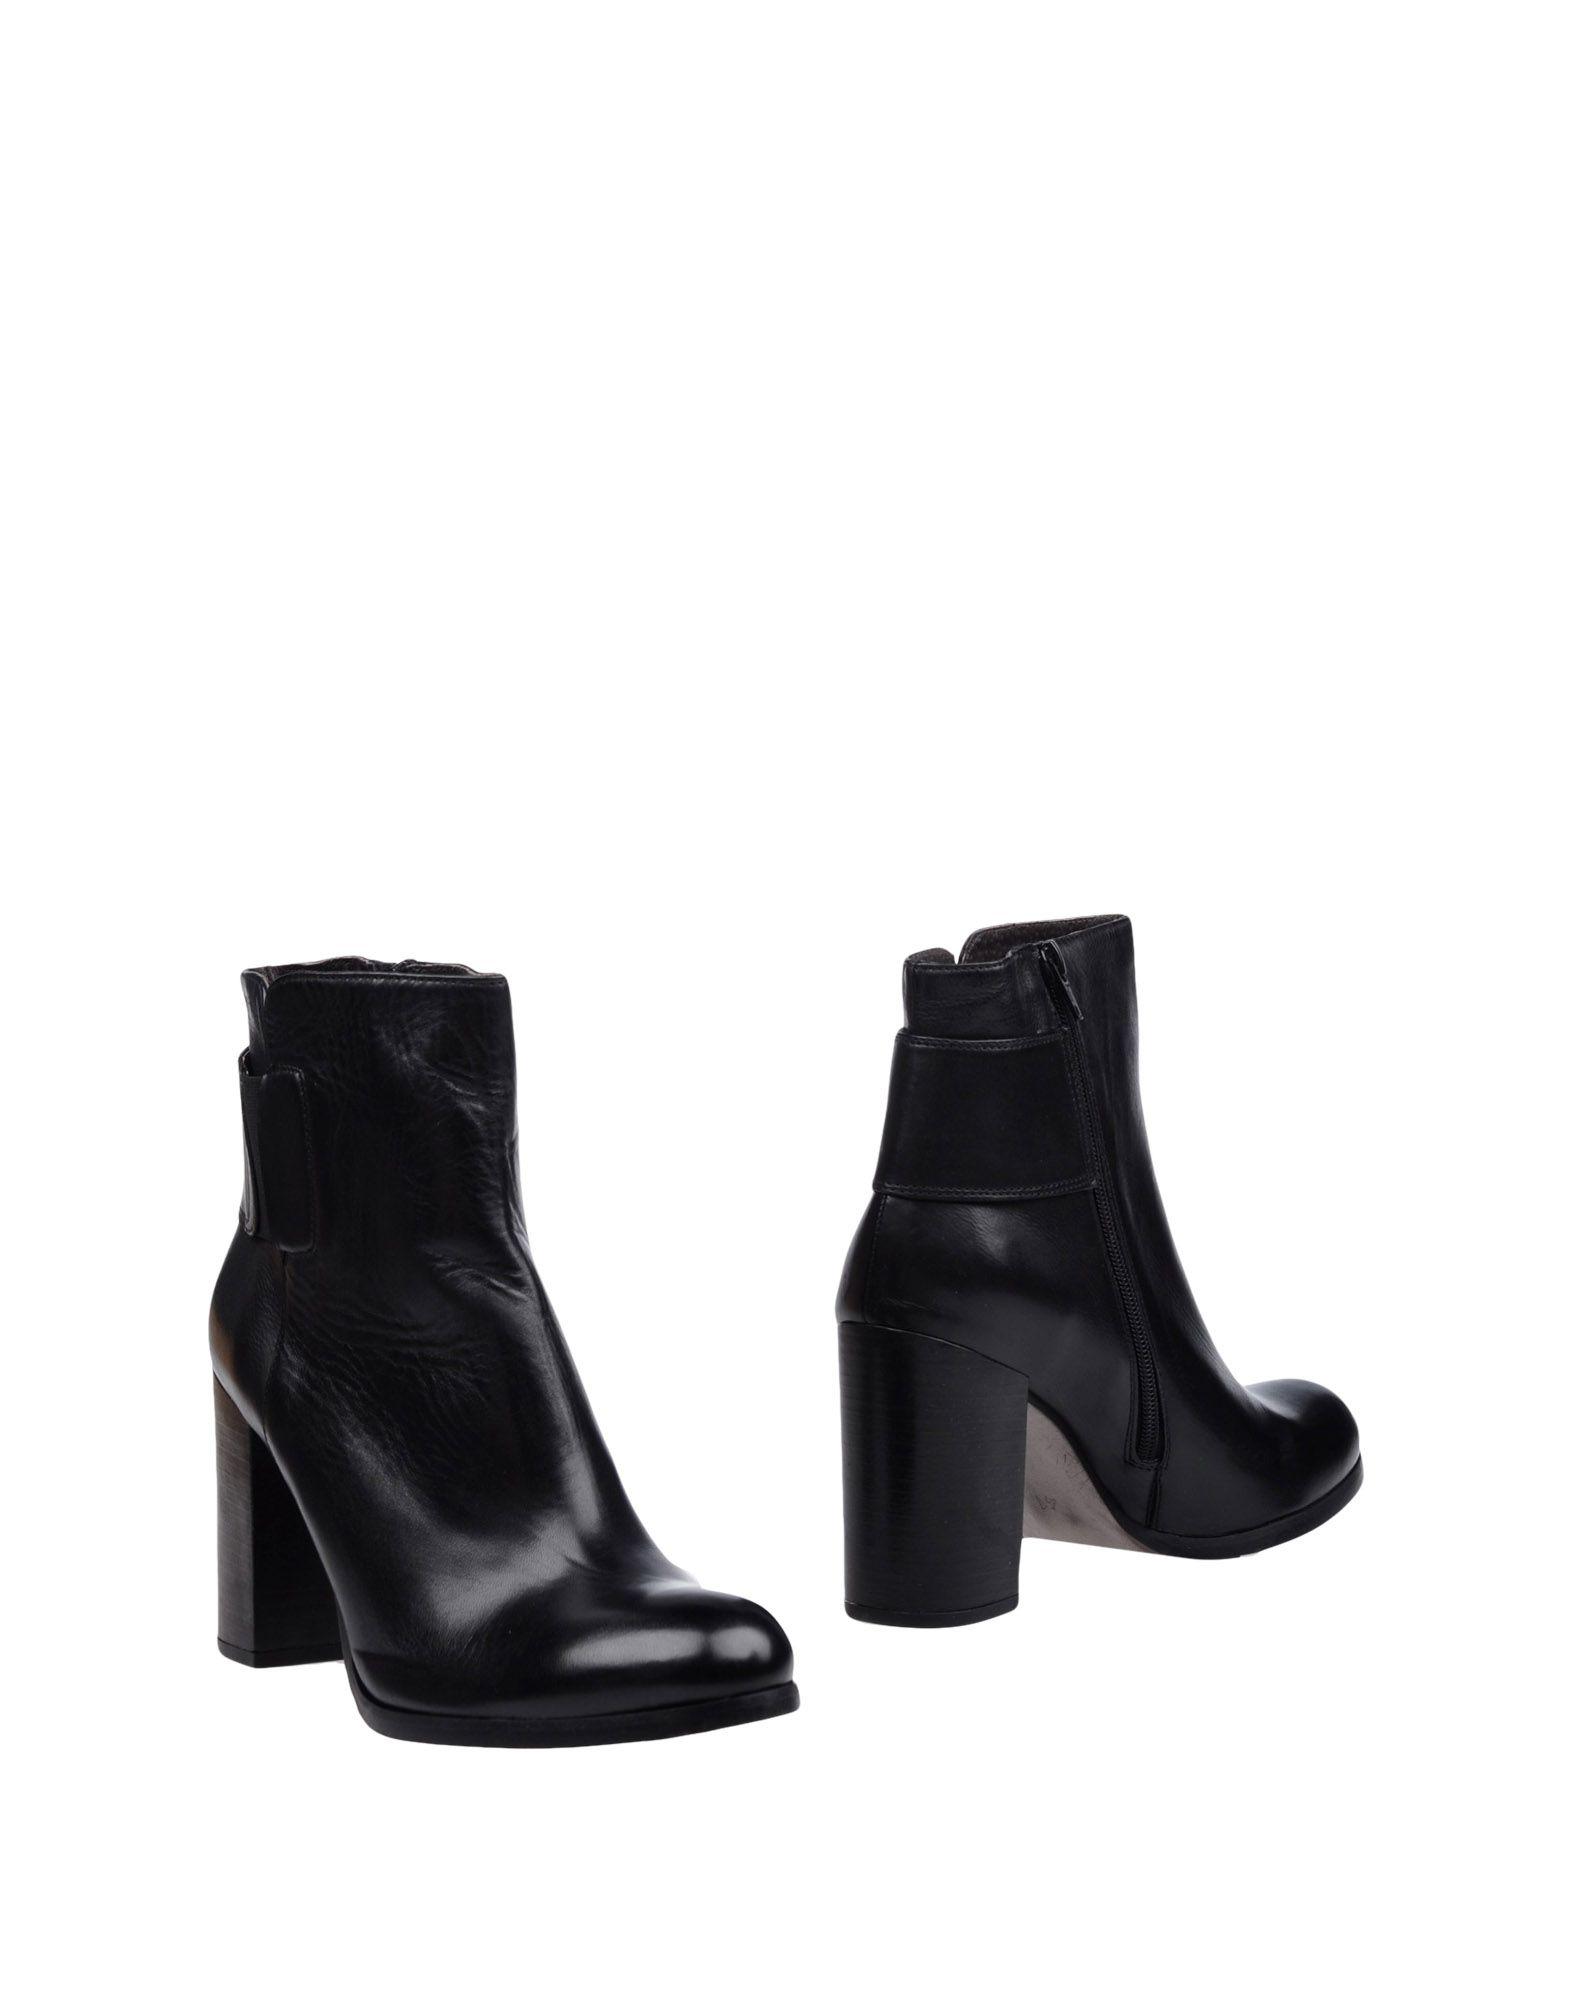 Bagatt Stiefelette Damen  11283252QL Gute Qualität beliebte Schuhe